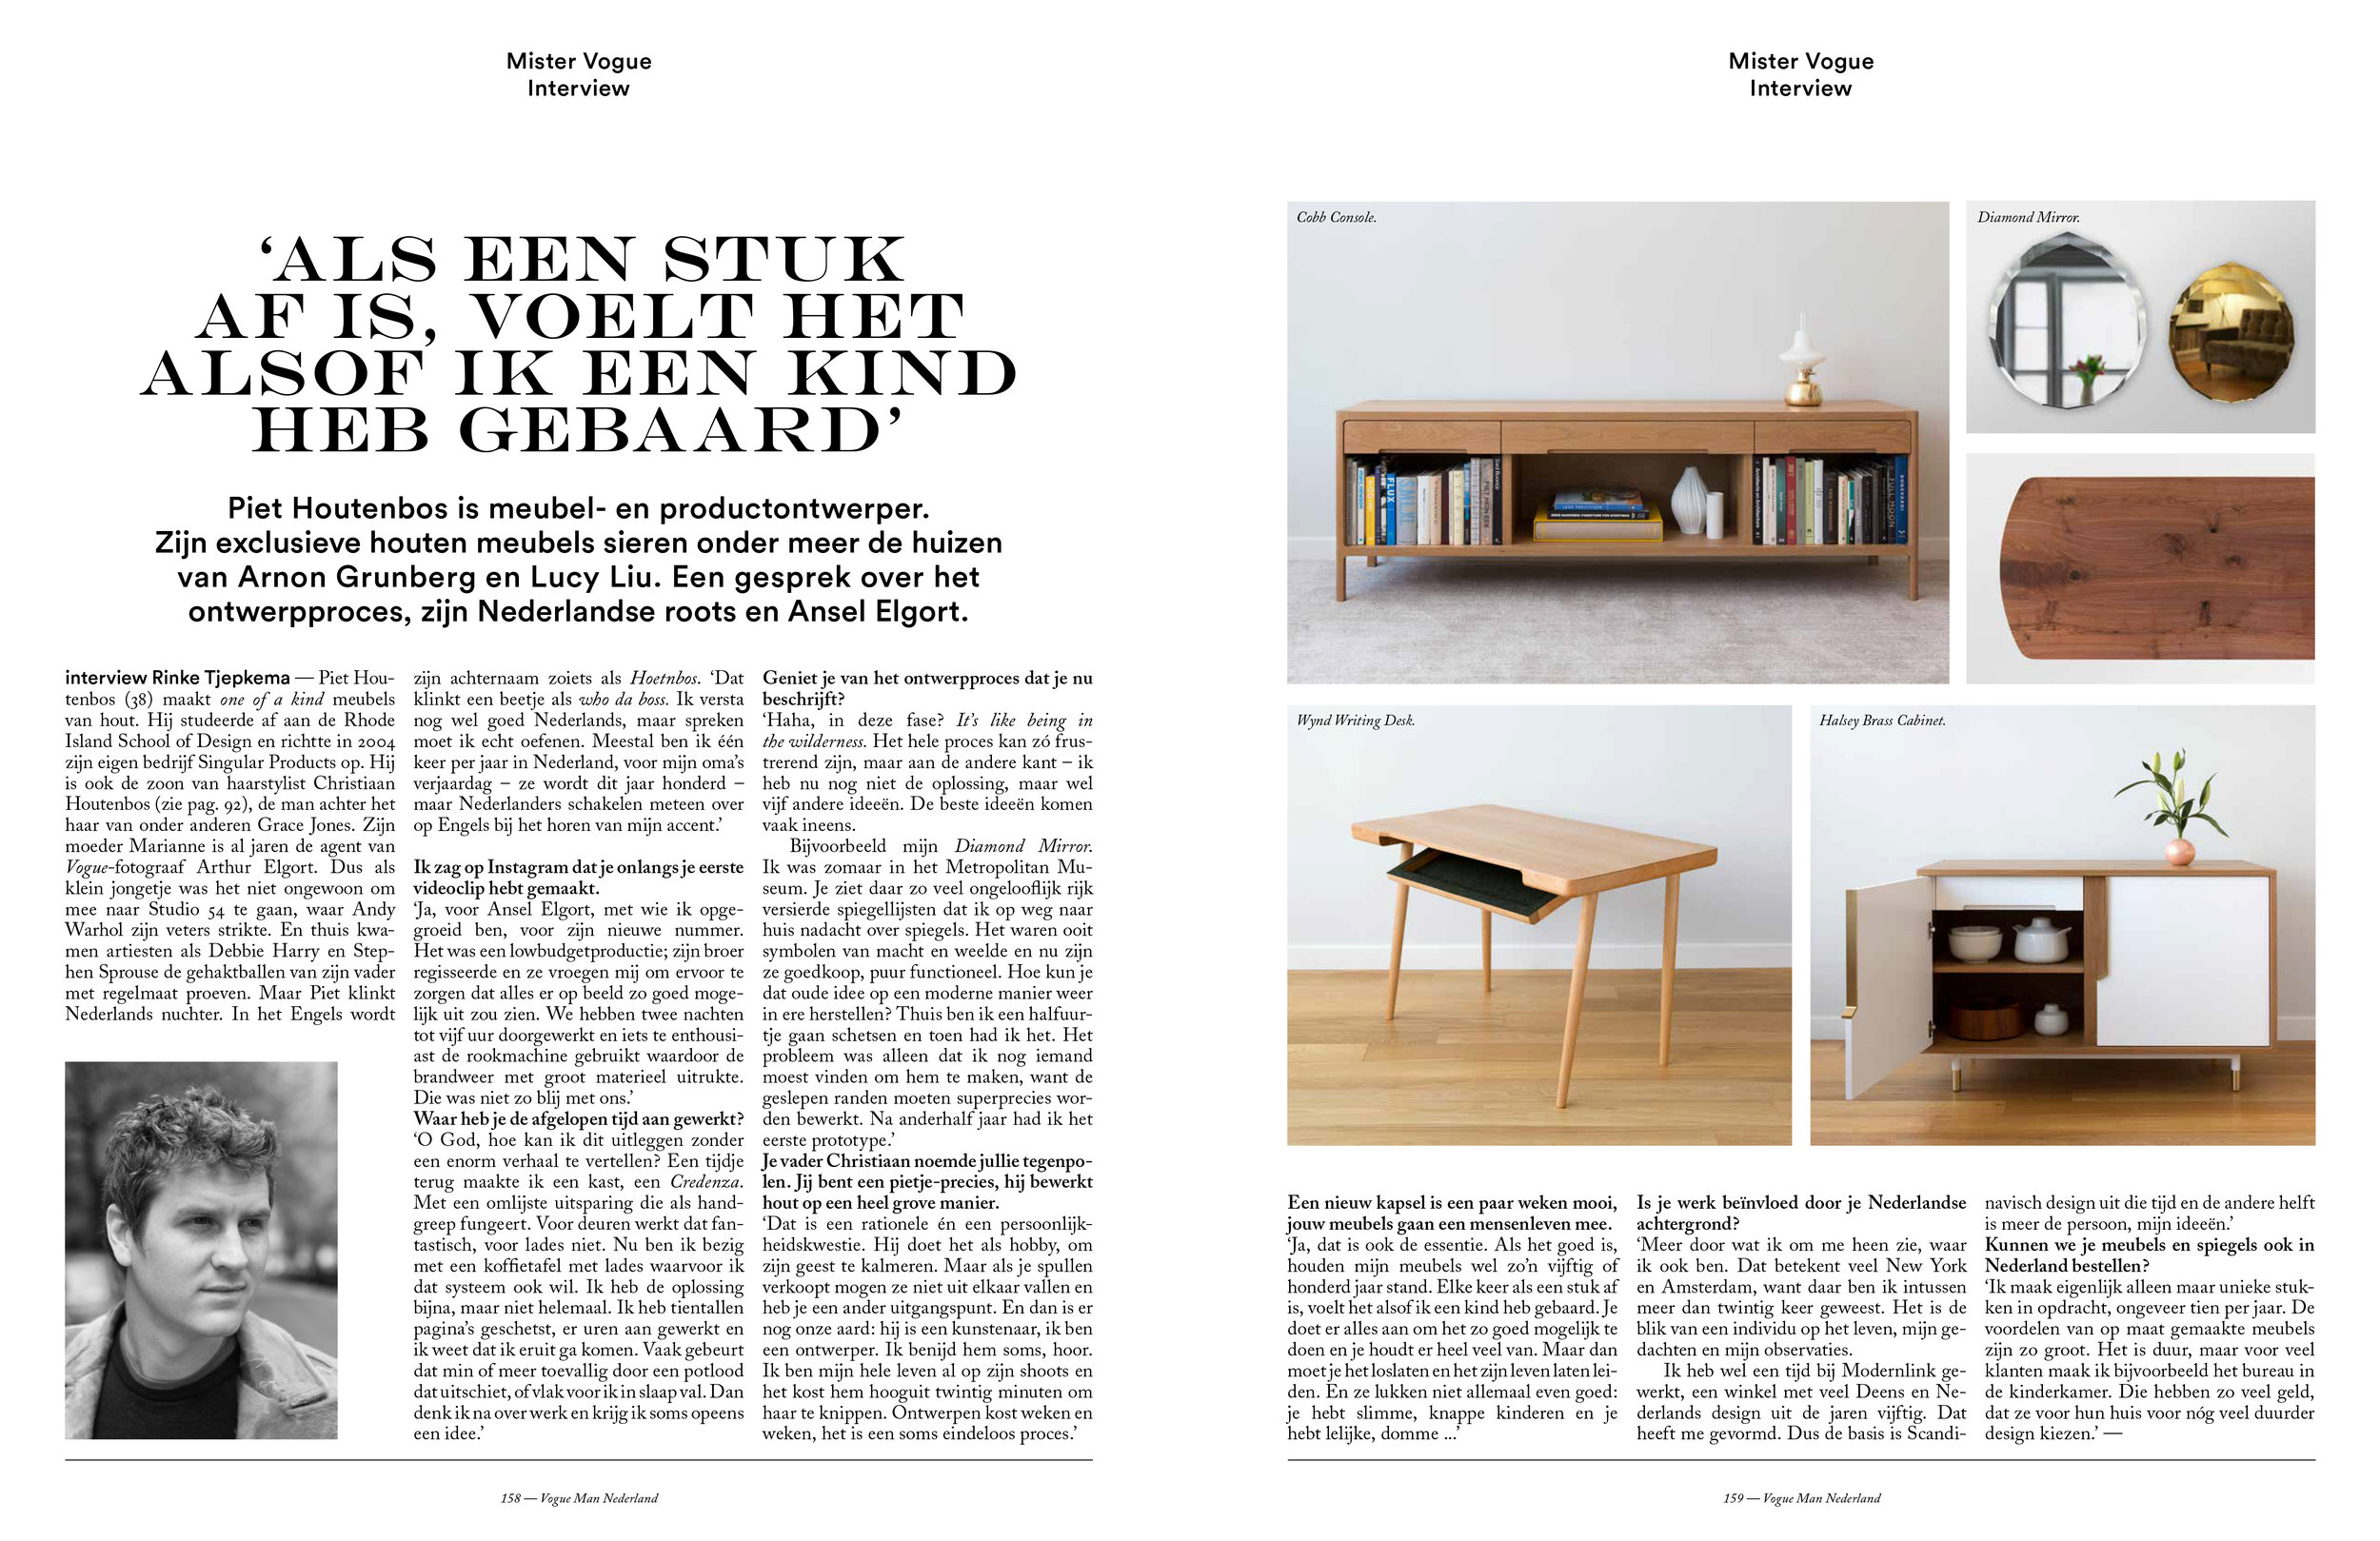 Vogue Man Issue 4 Piet Houtenbos Page 158